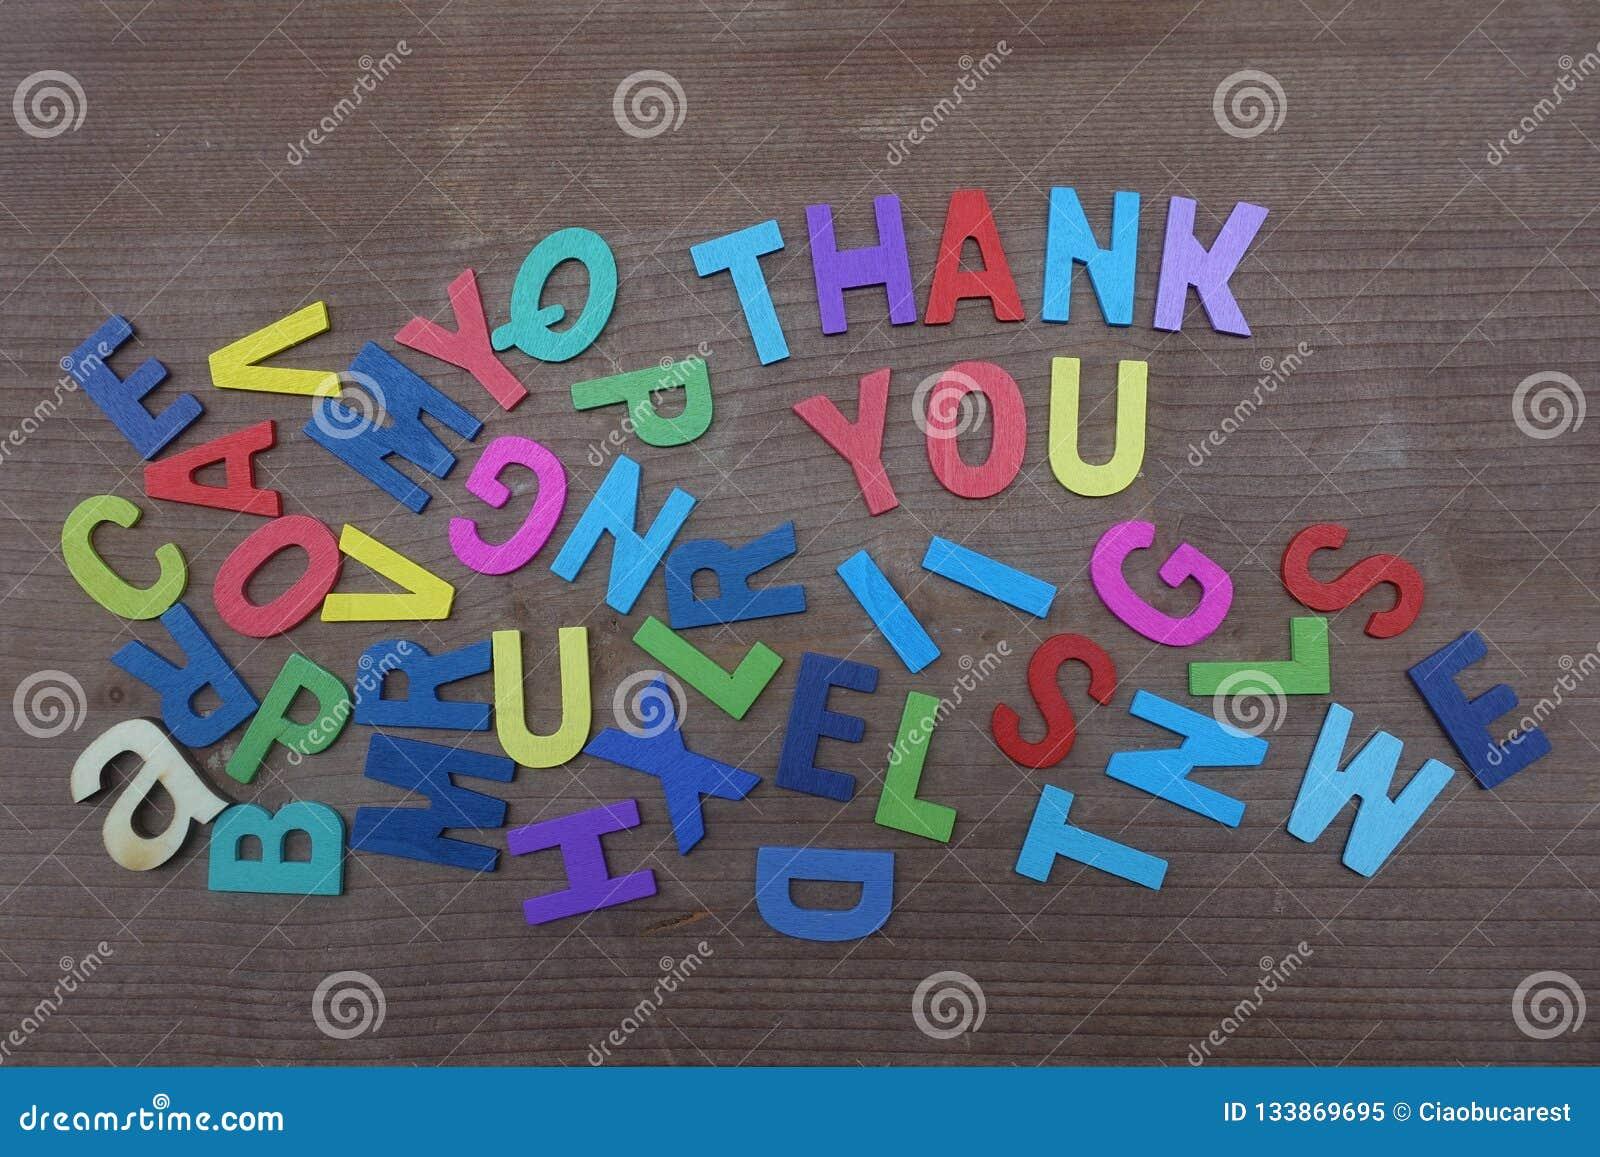 Lettere Di Legno Colorate : Grazie composto con le lettere di legno colorate sopra un bordo di